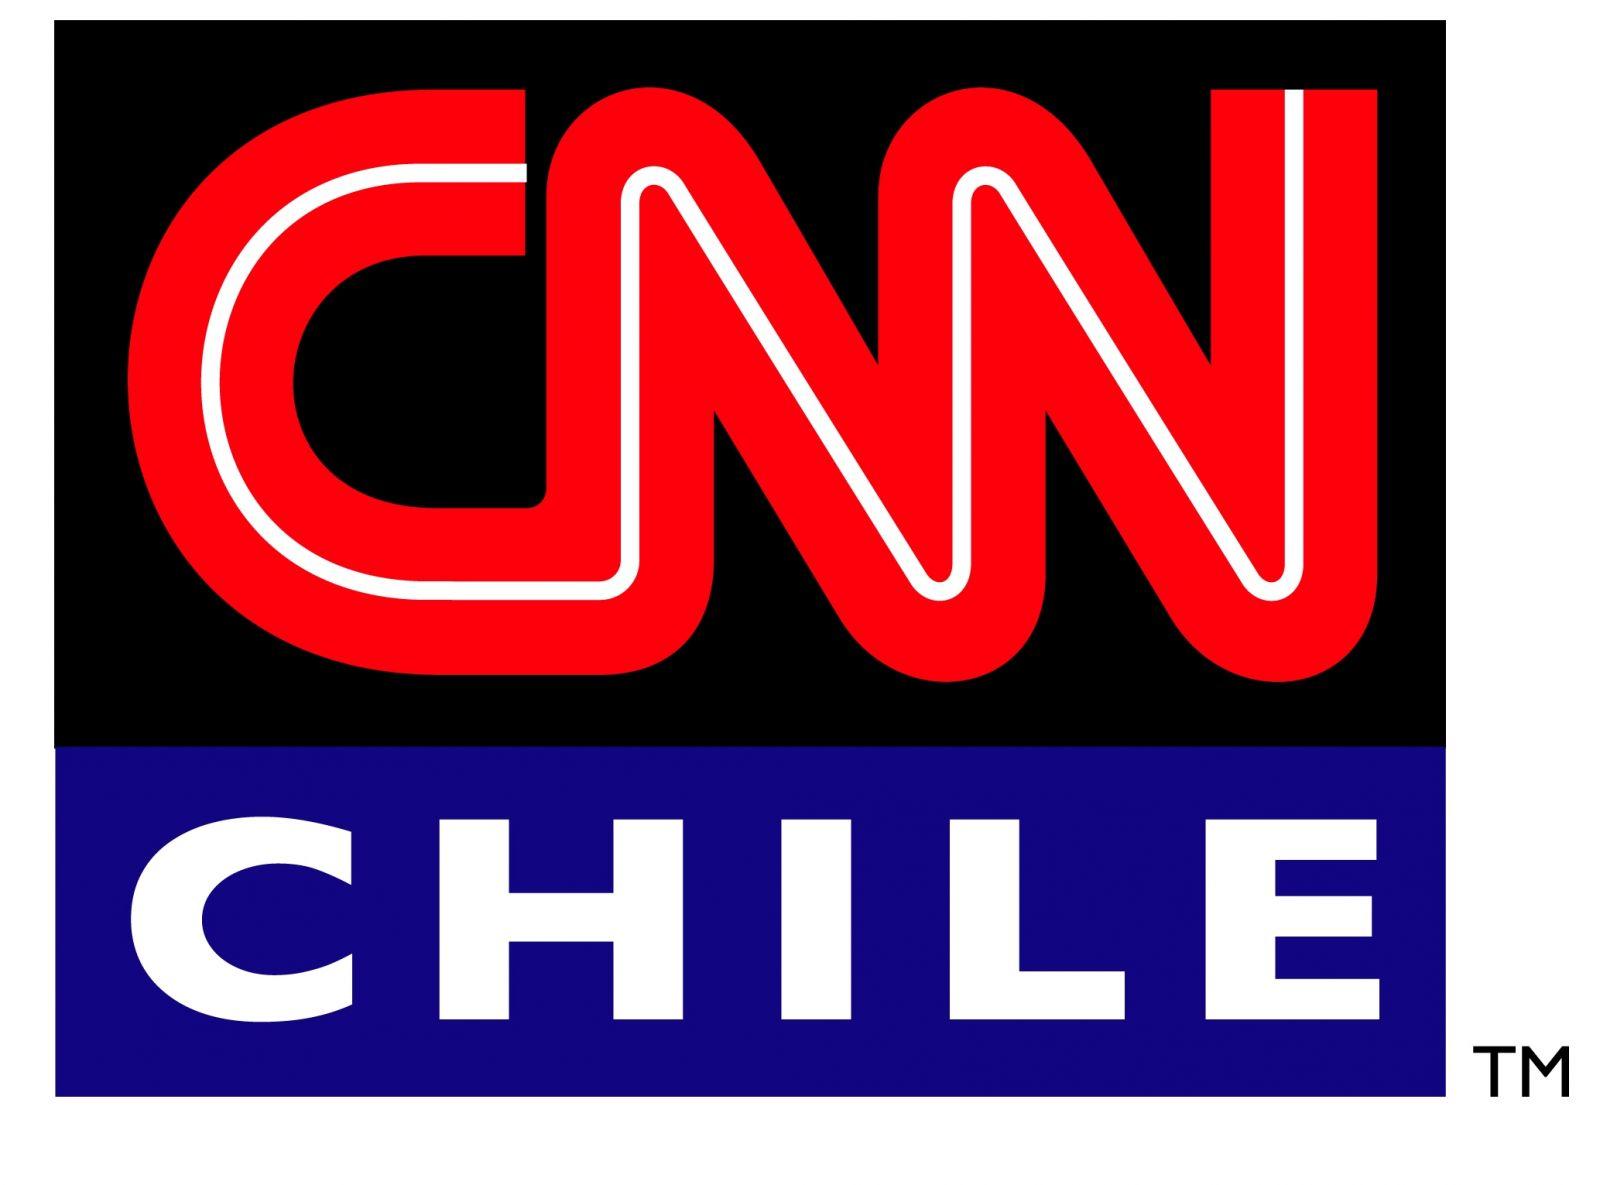 CNN-Chile-logo